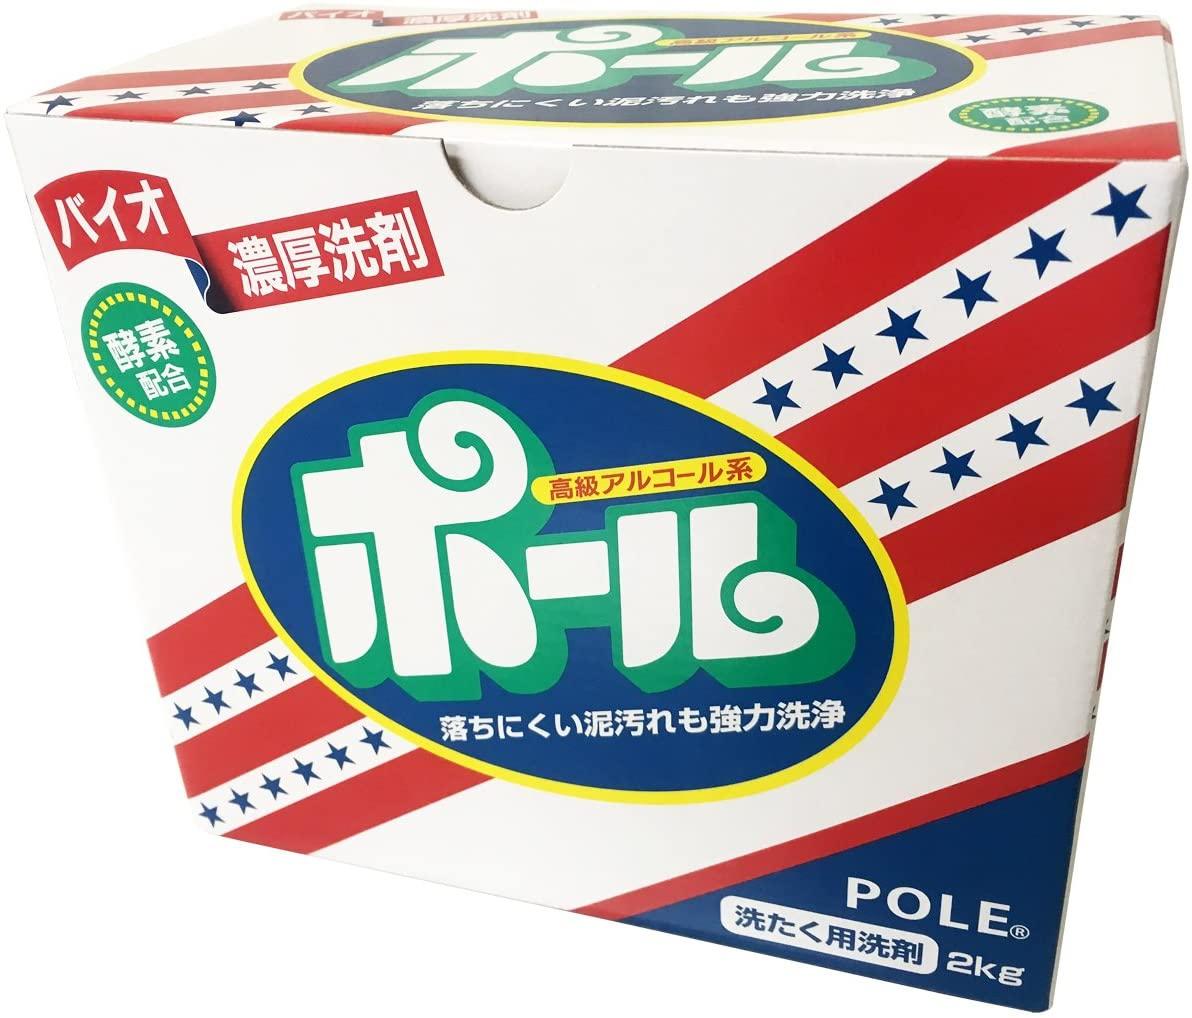 ヴィジョンステイト バイオ濃厚洗剤 ポールの商品画像